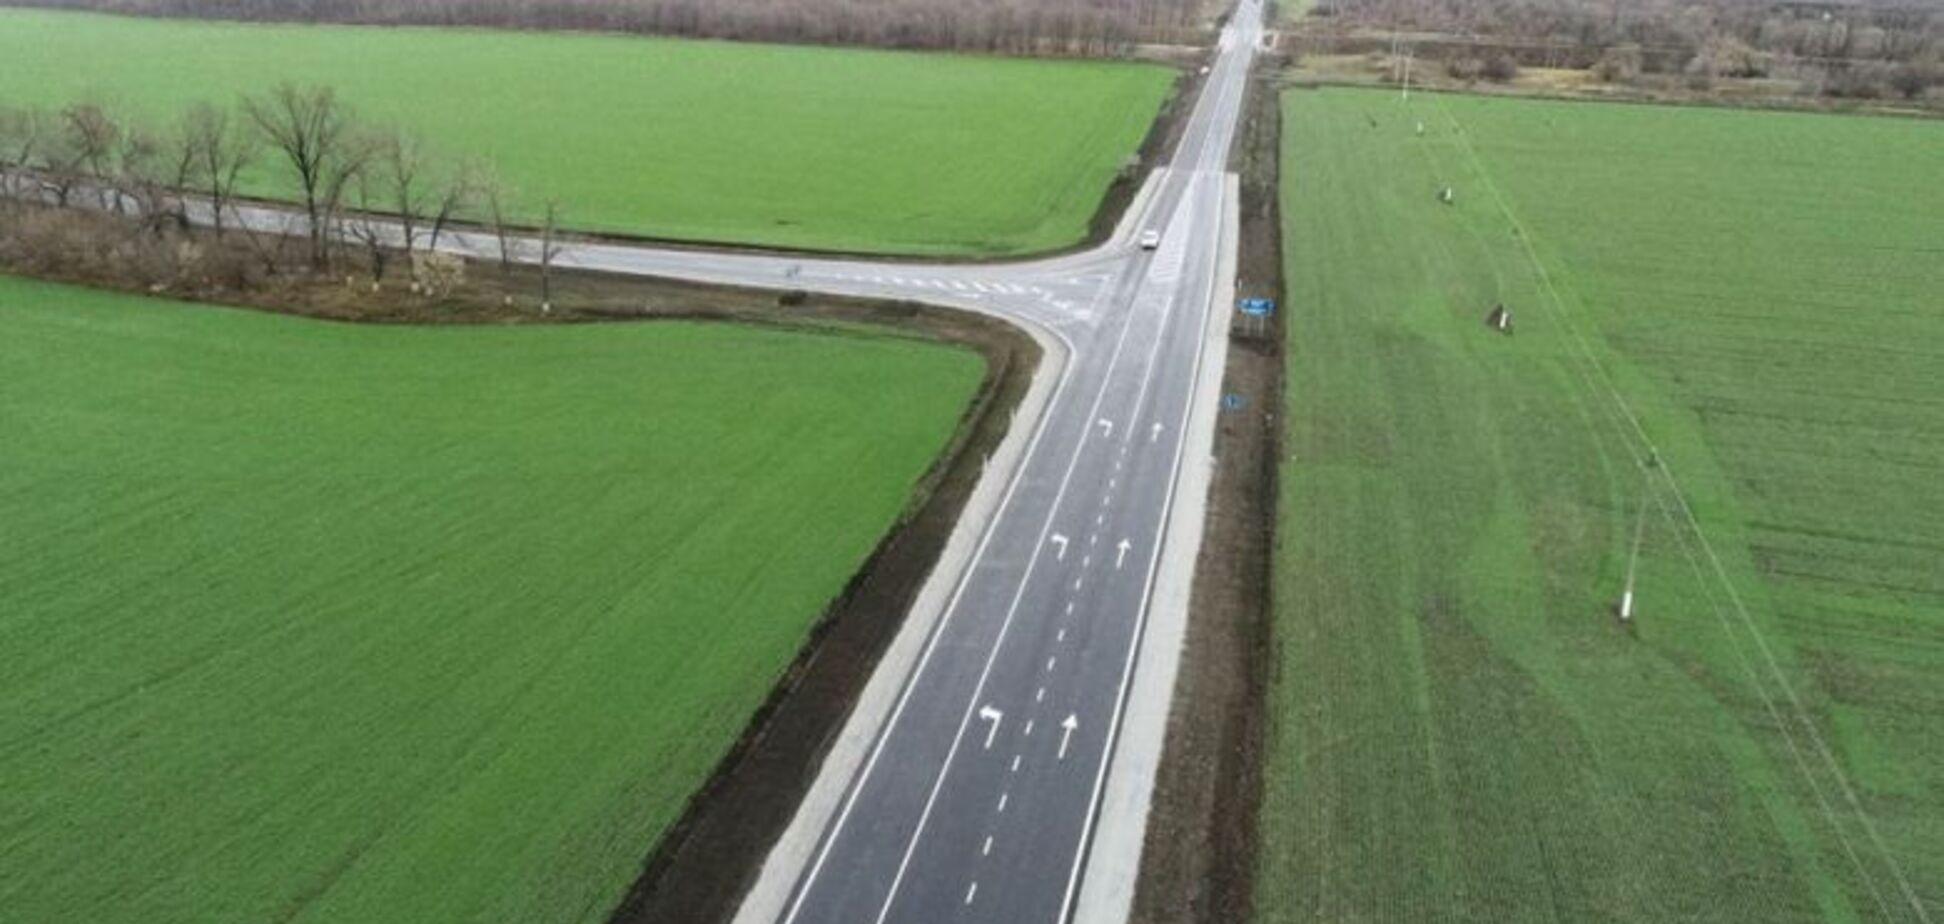 Хаотичного планирования при строительстве дорог в Укравтодоре больше не будет, – советник премьера Юрий Голик